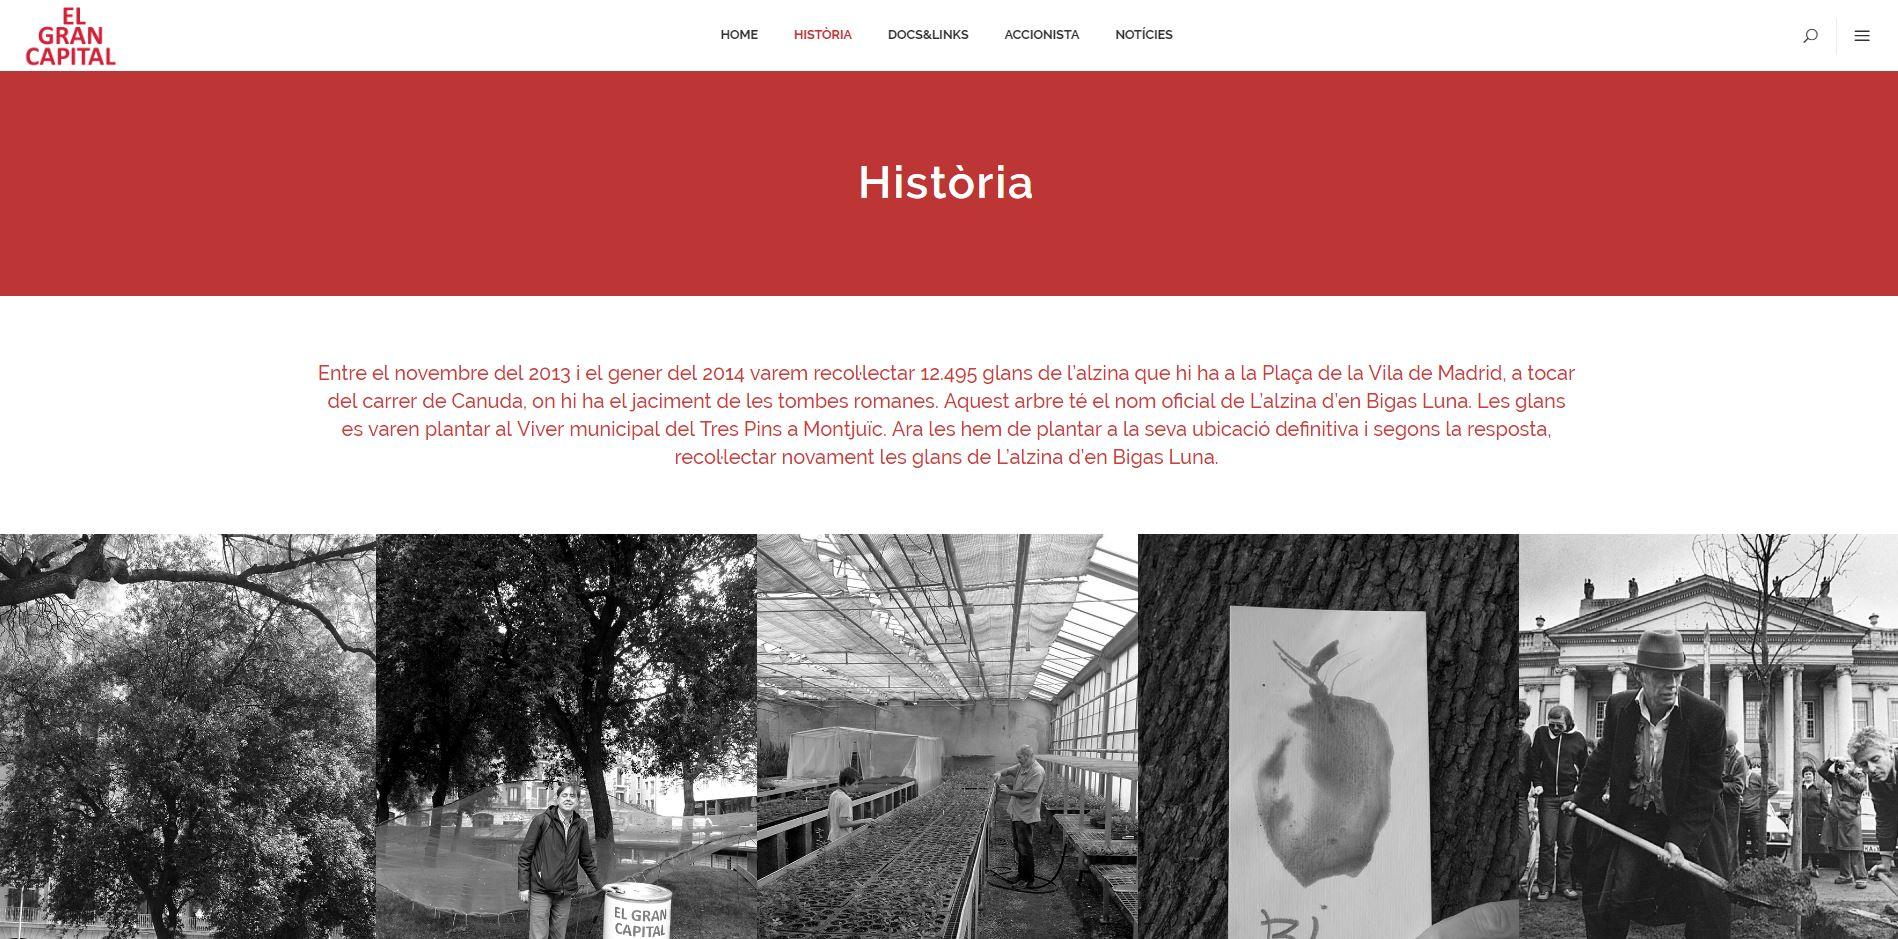 web_elgrancapital-historia